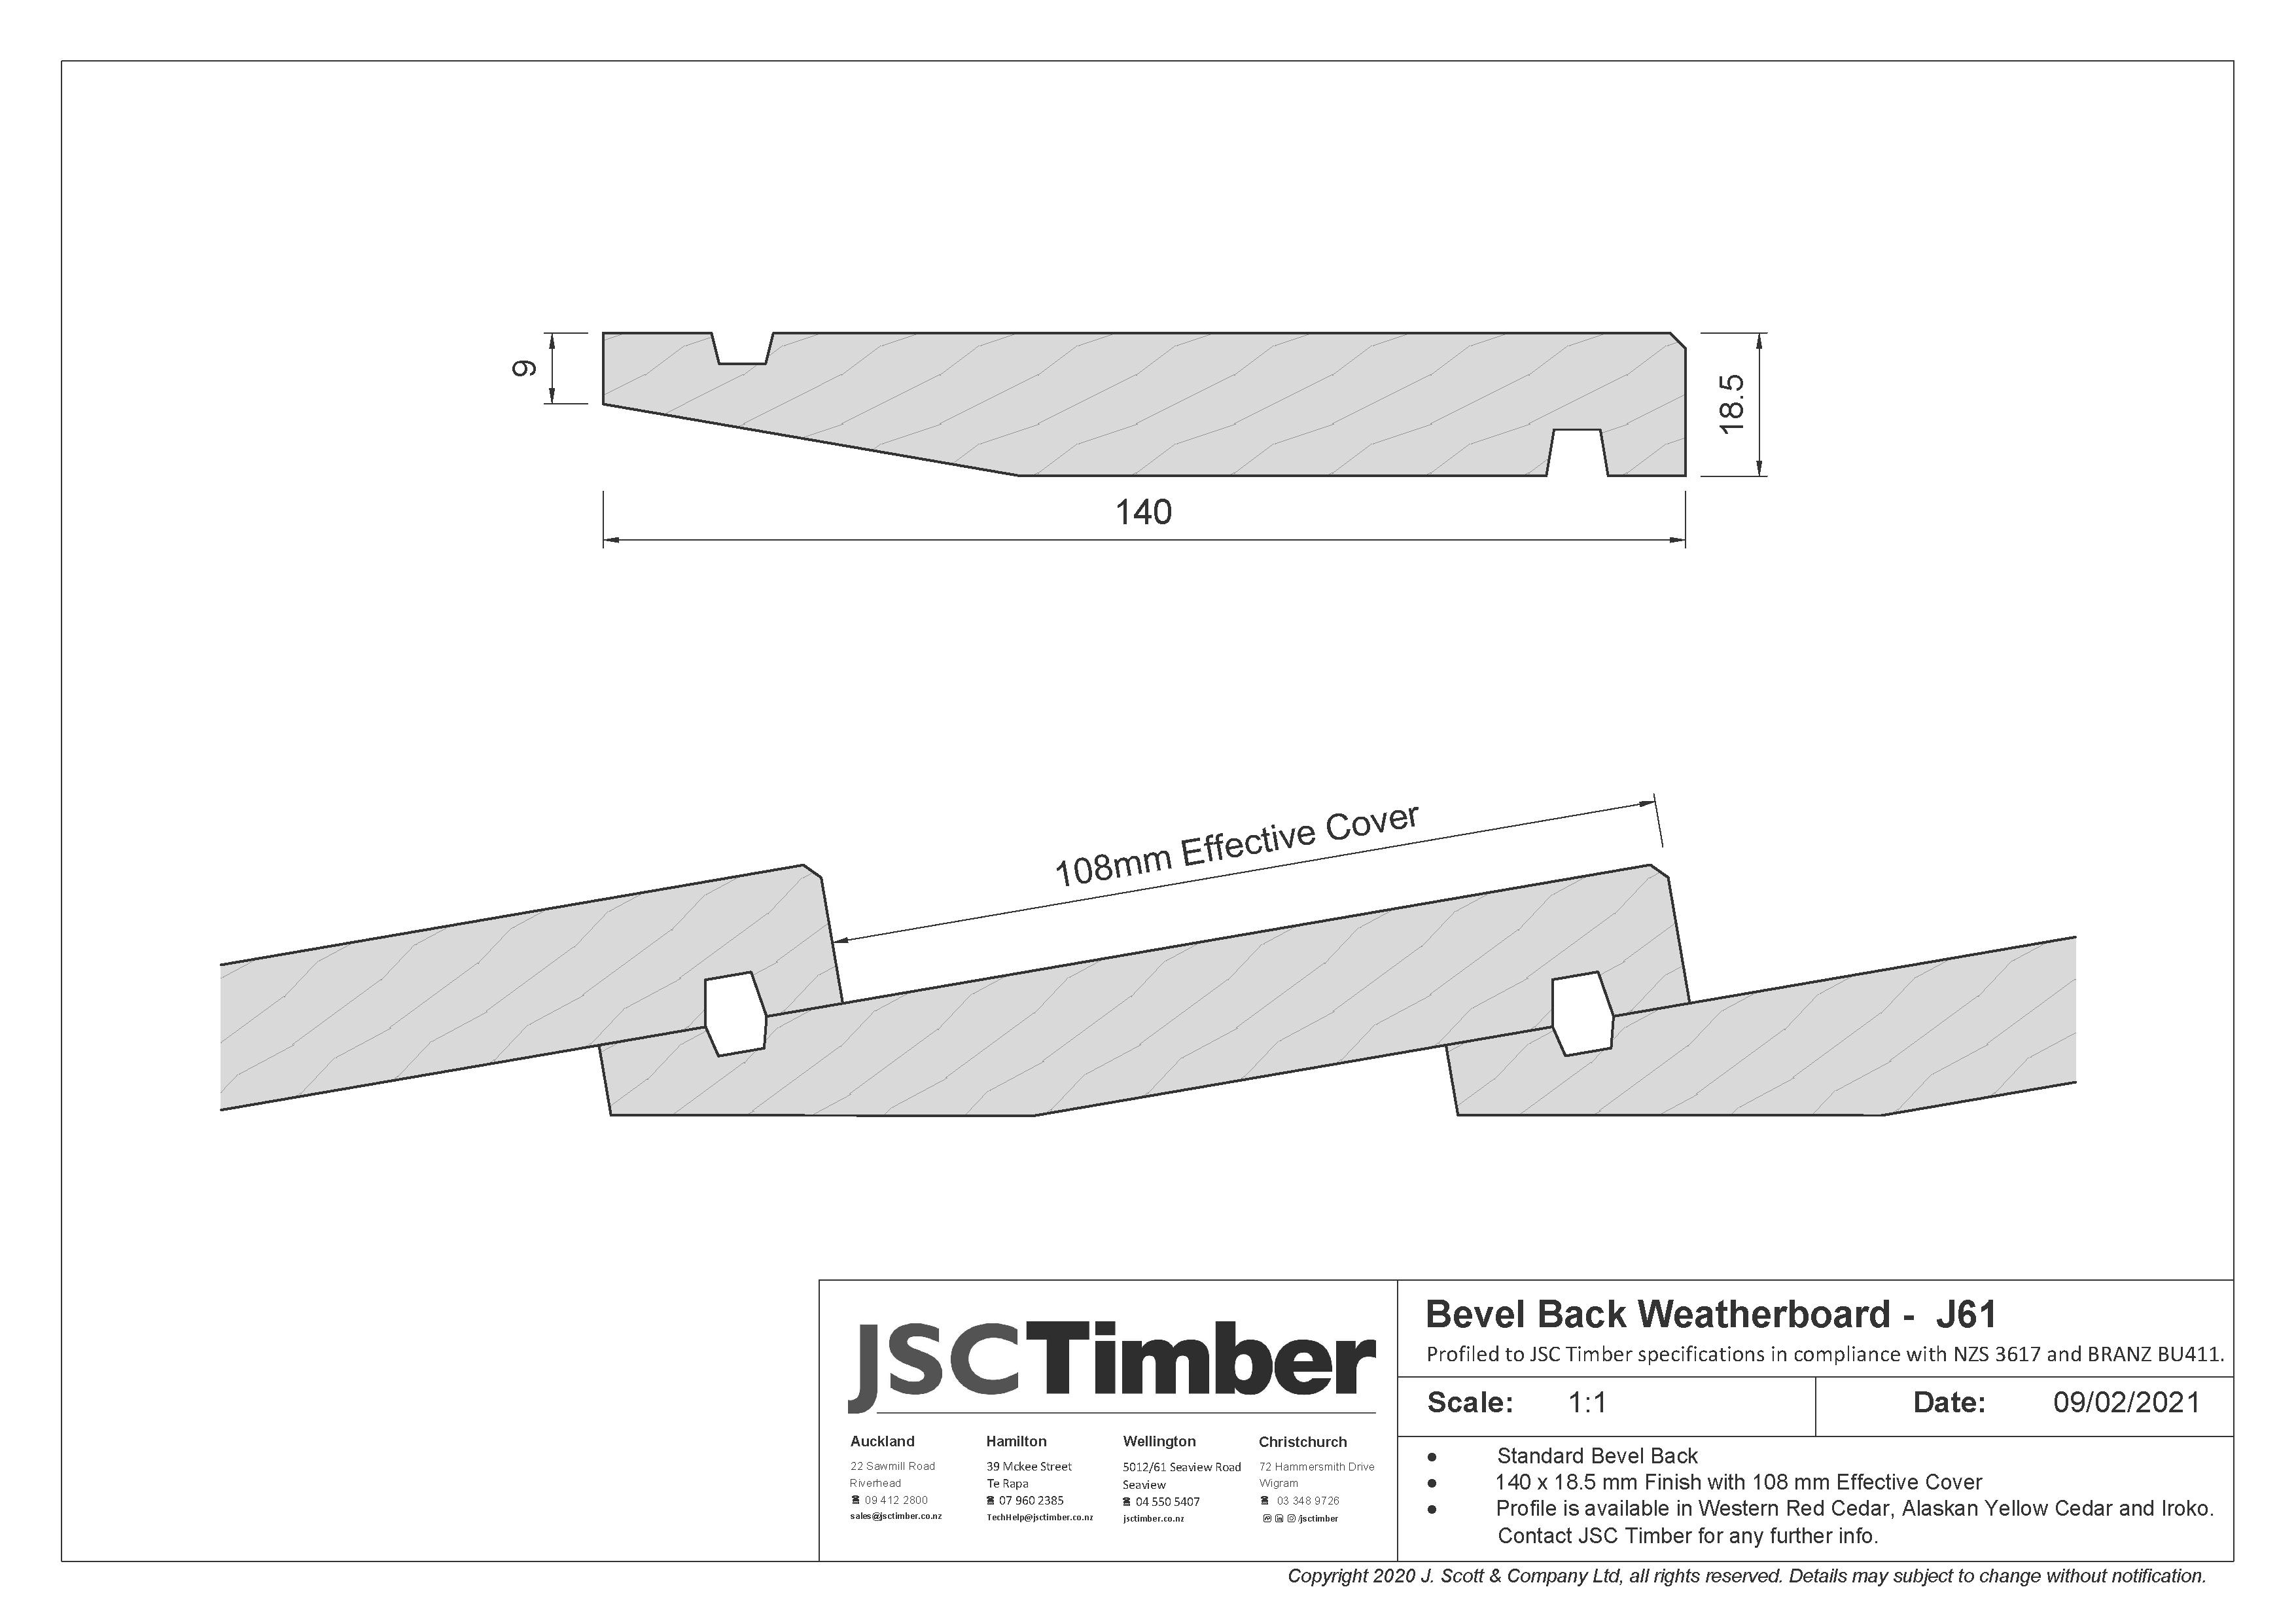 J61 Bevel Back Weatherboard